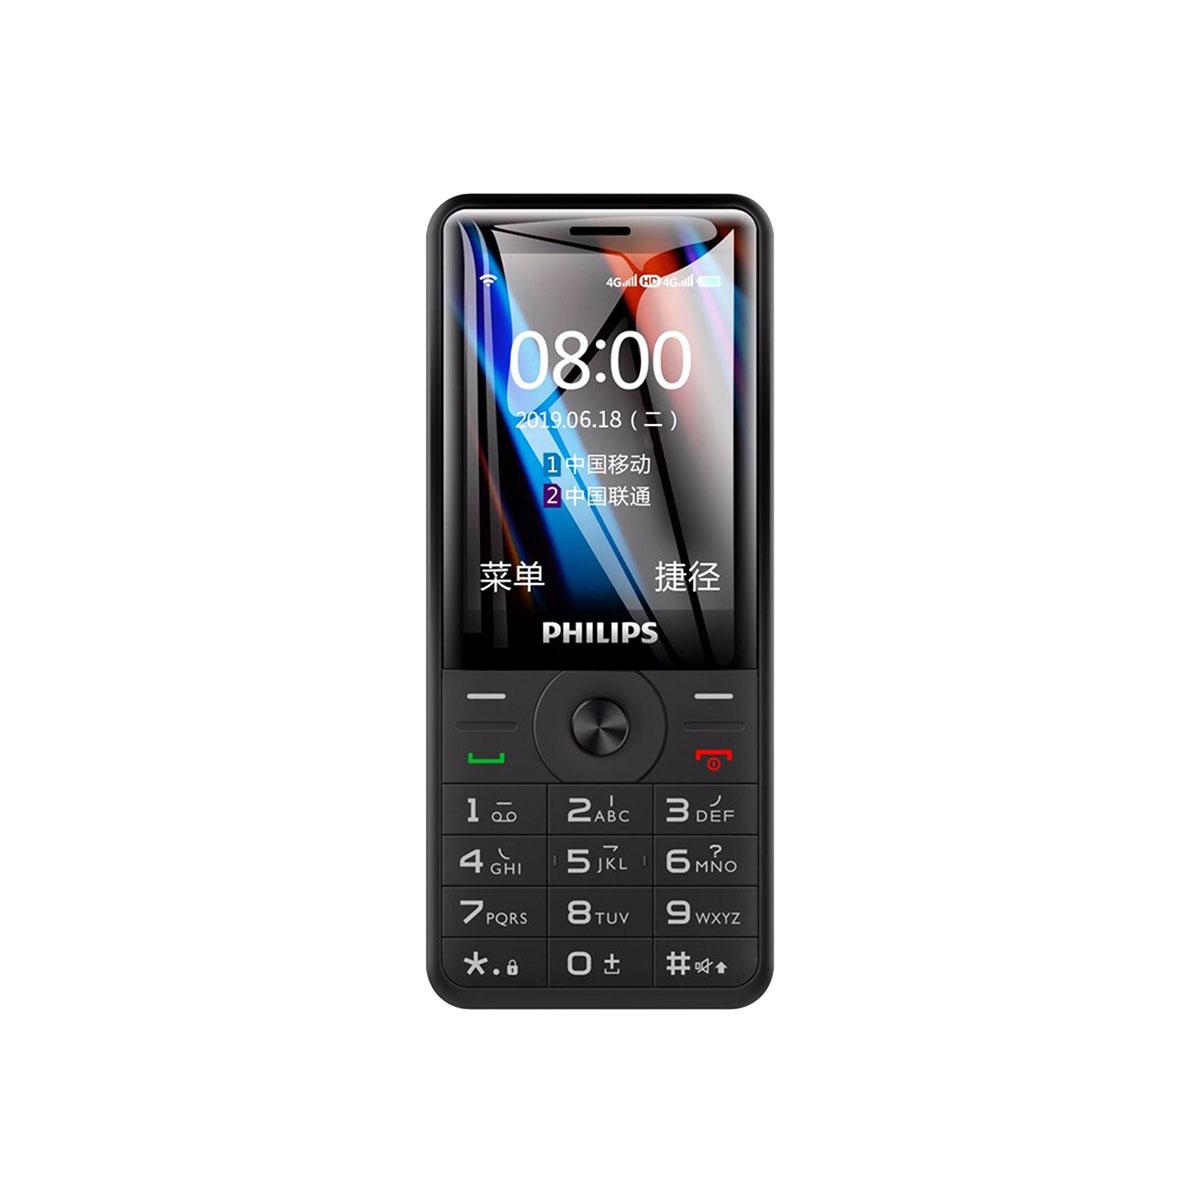 飞利浦Philips/飞利浦 E517 全网通4G 老人手机飞利浦 E517 陨石黑